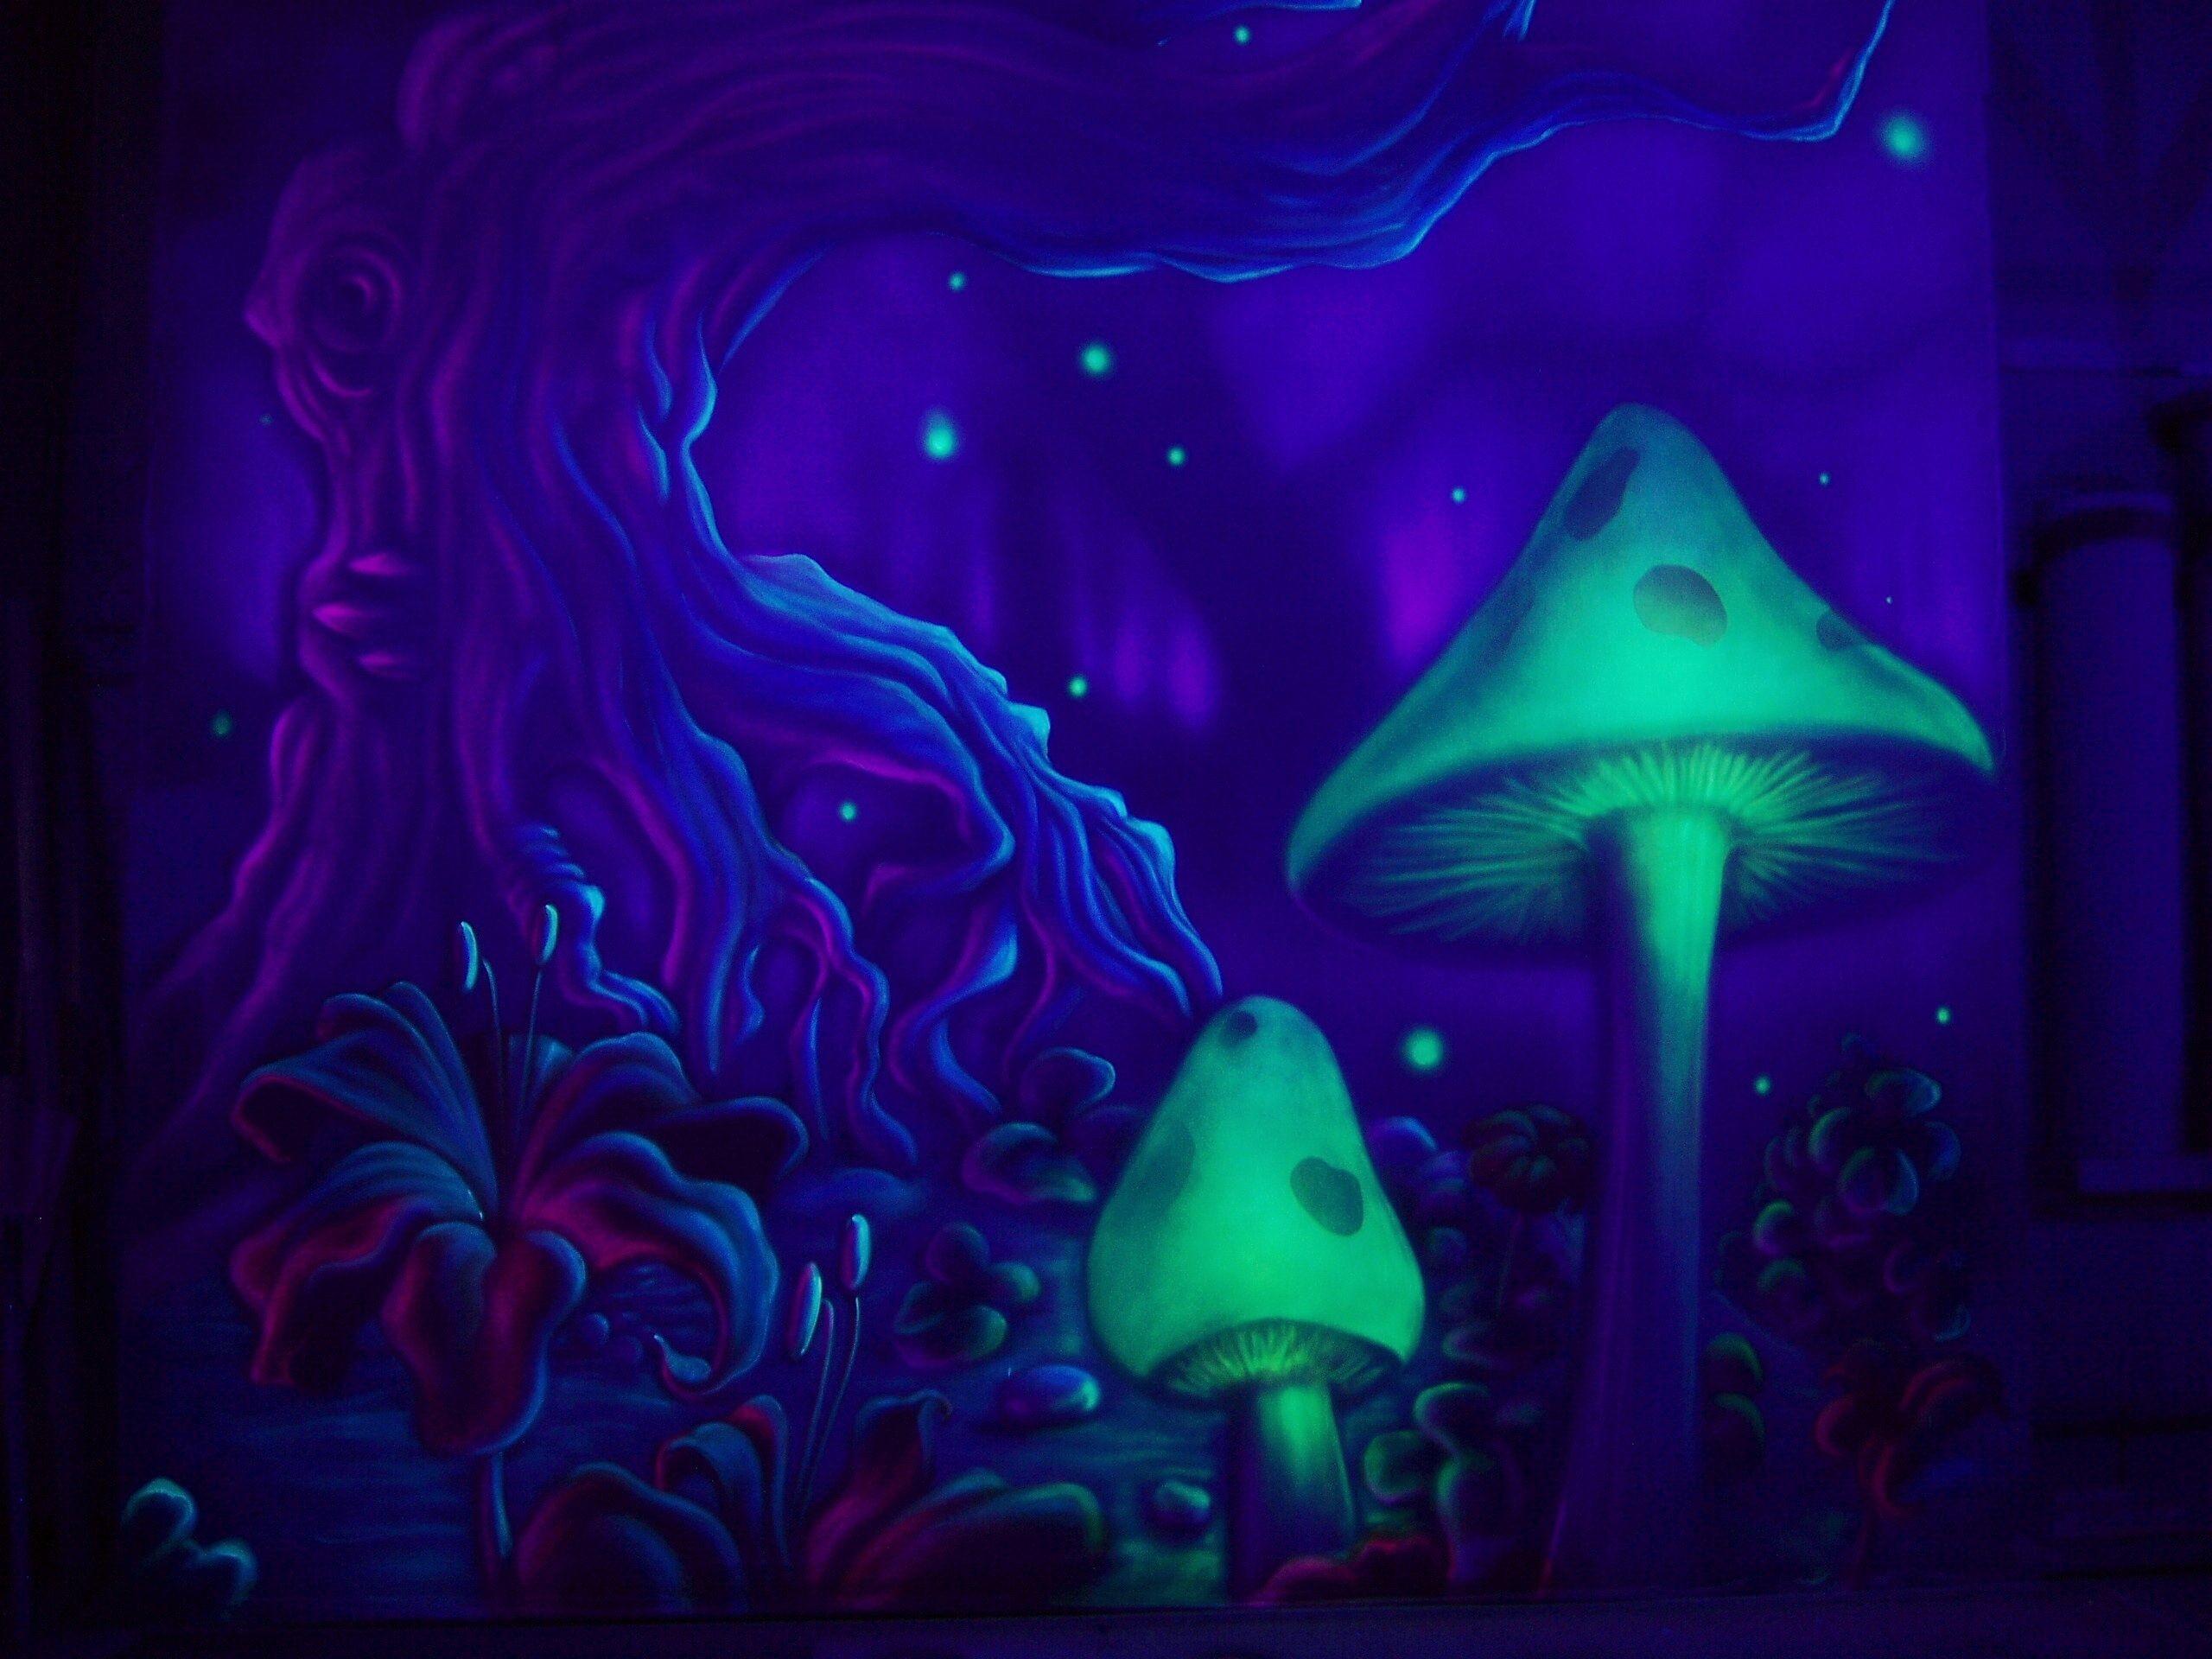 Trippy Mushroom Wallpaper